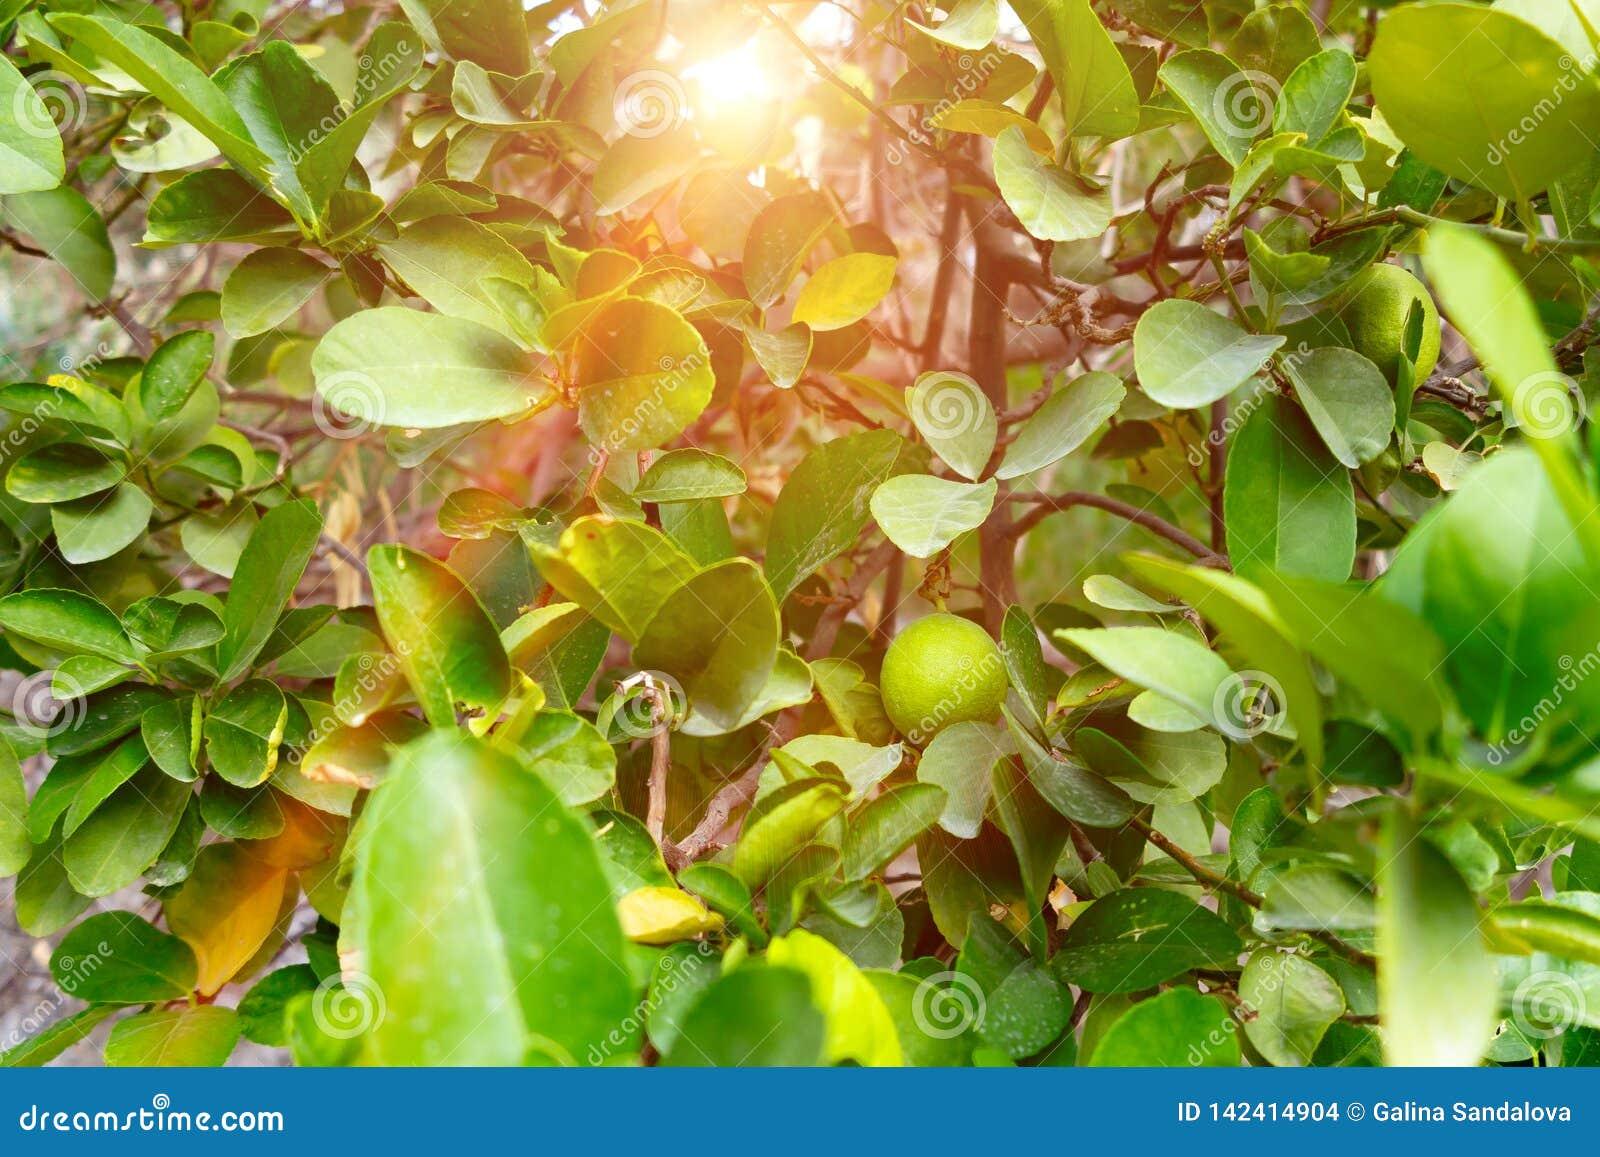 Зеленые незрелые tangerines на дереве вне каменной стены в южной стране